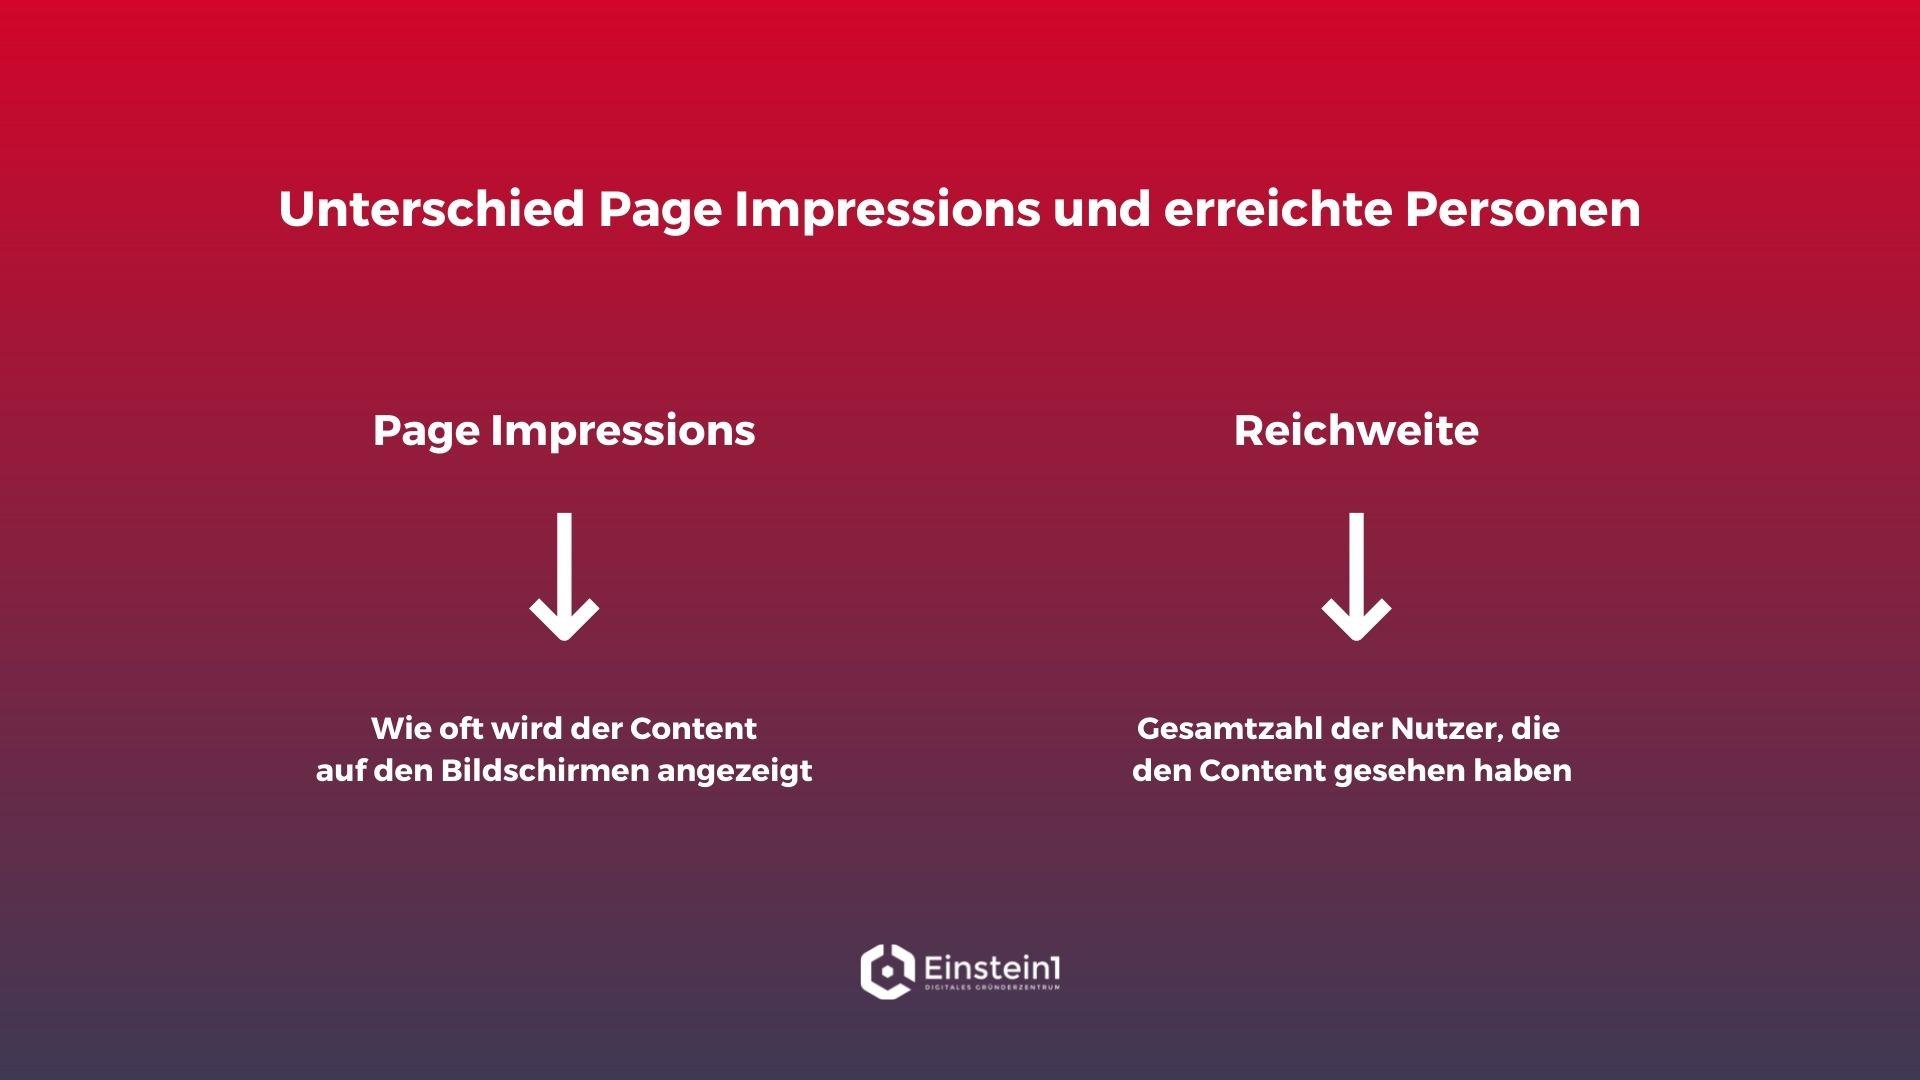 kennzahlen-online-marketing-page-impressions-einstein1